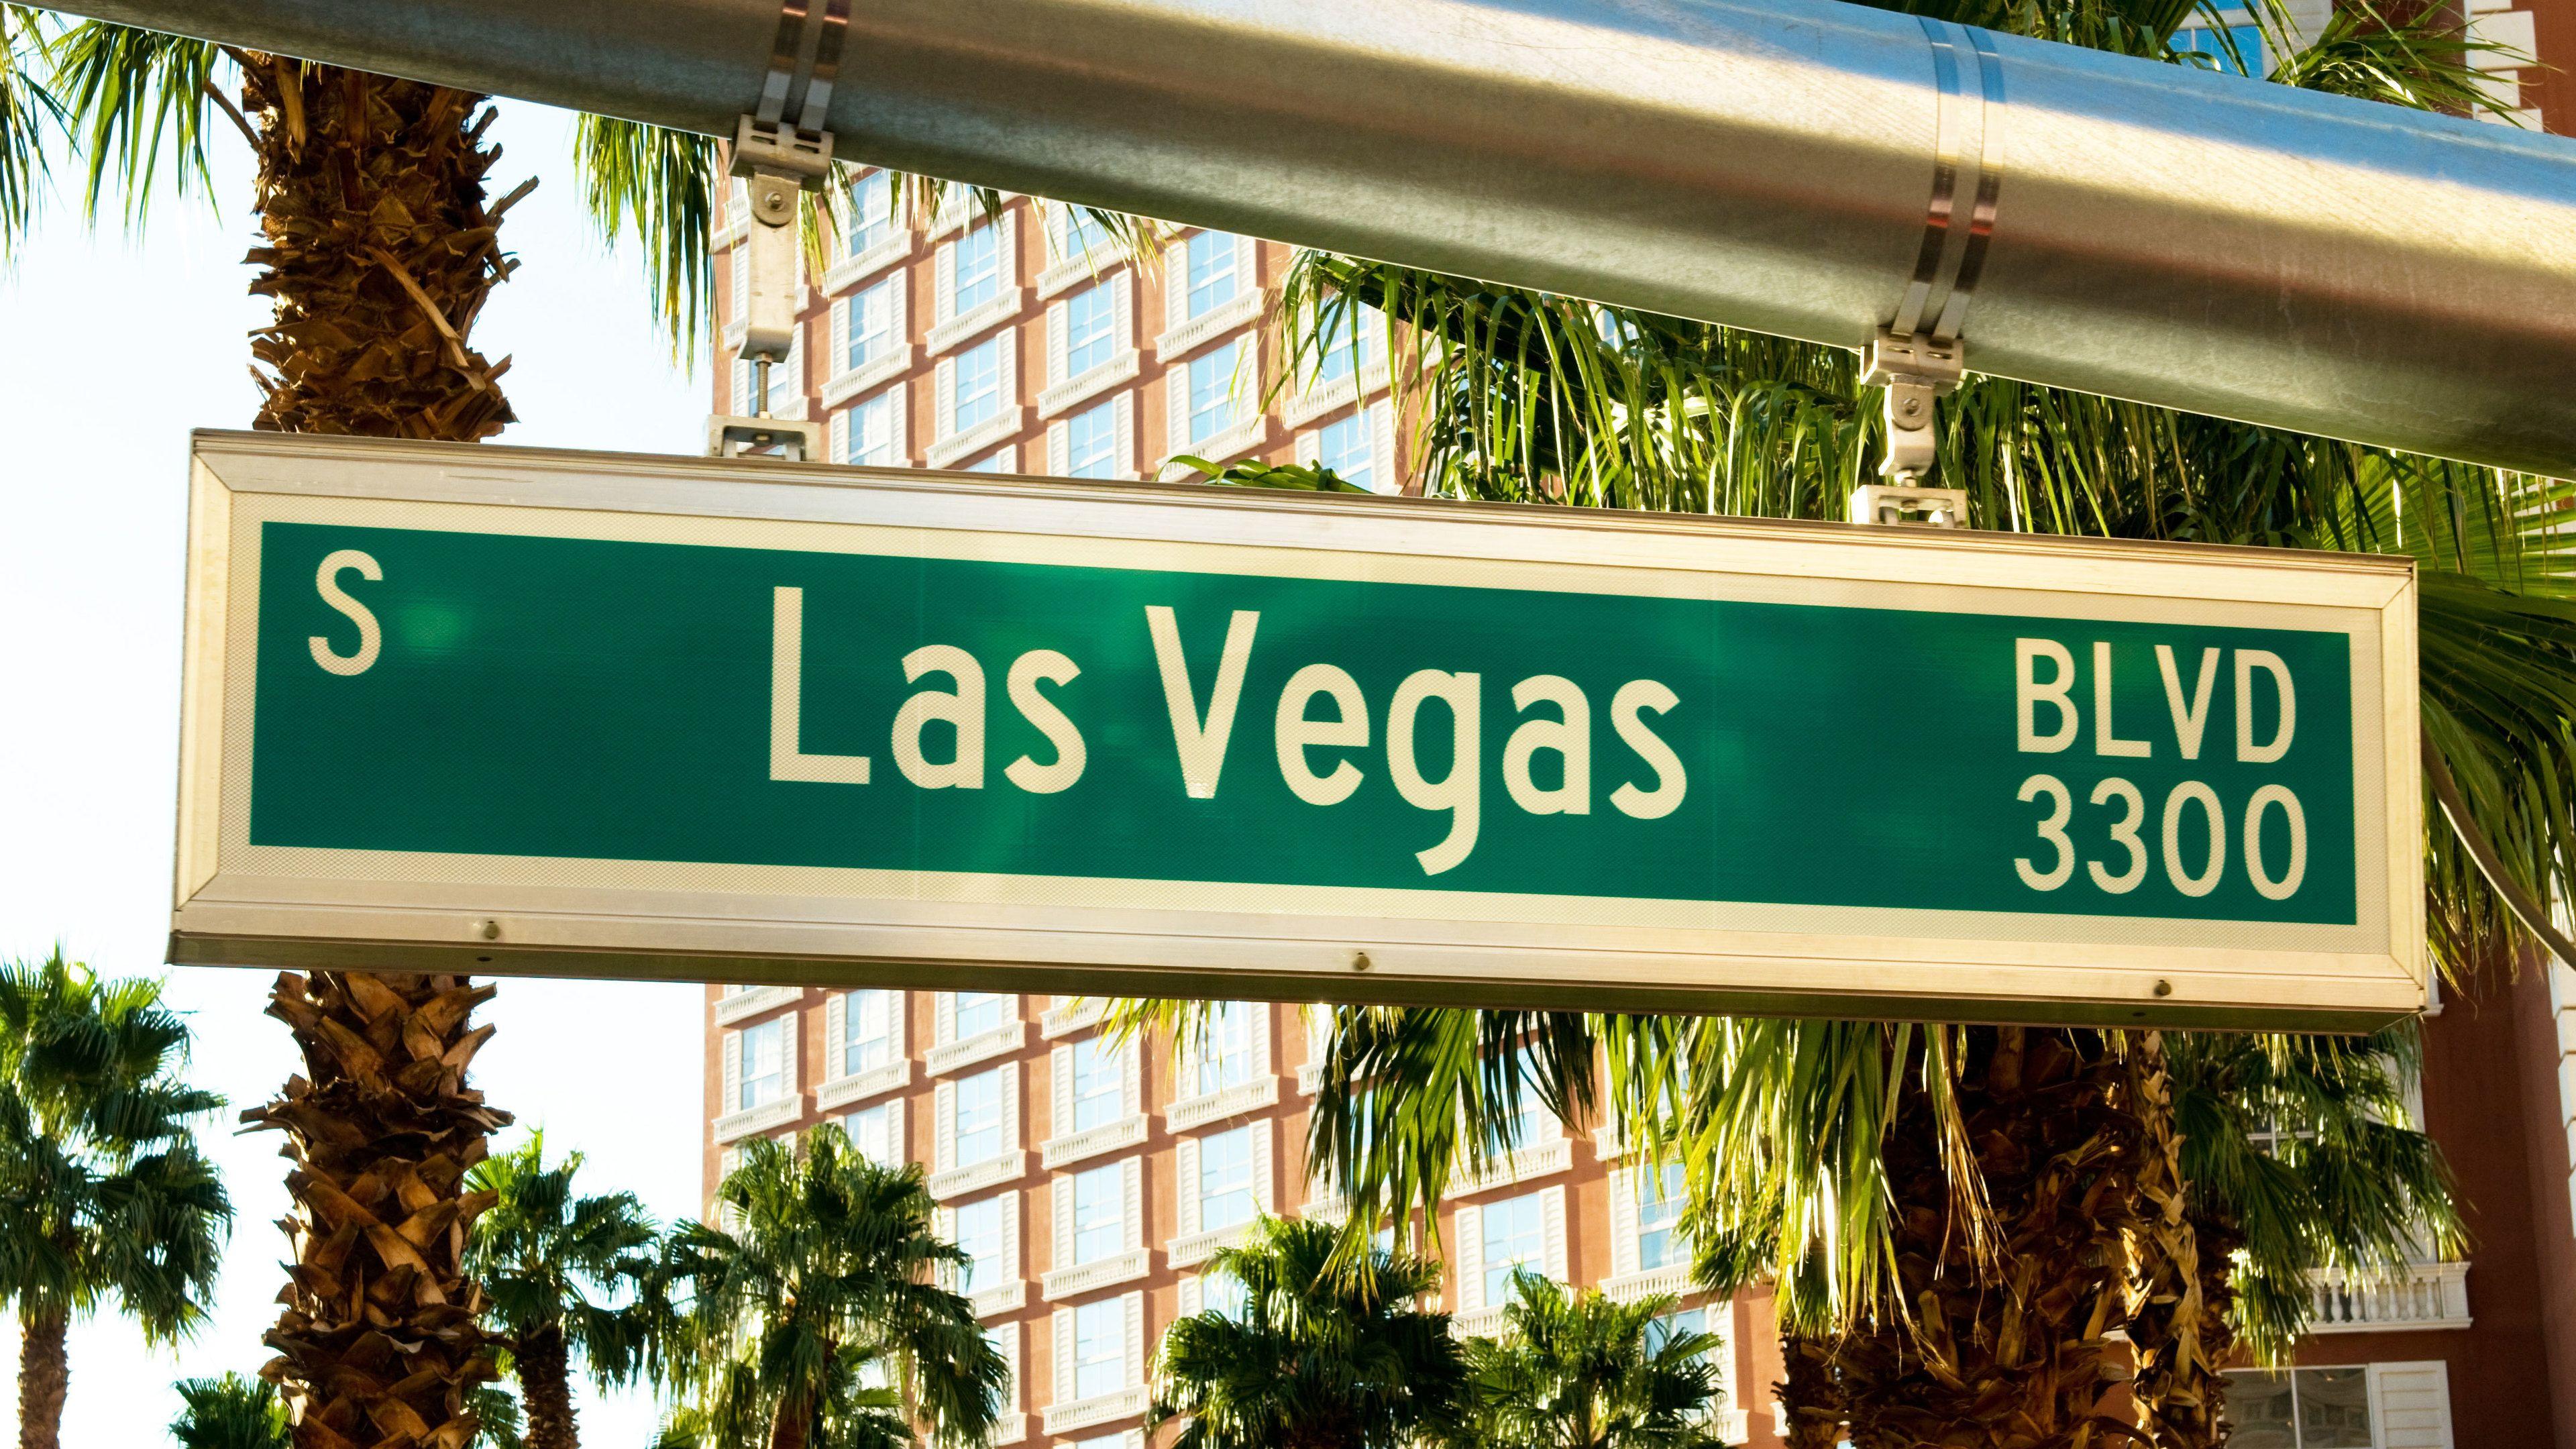 Las Vegas Blvd sign